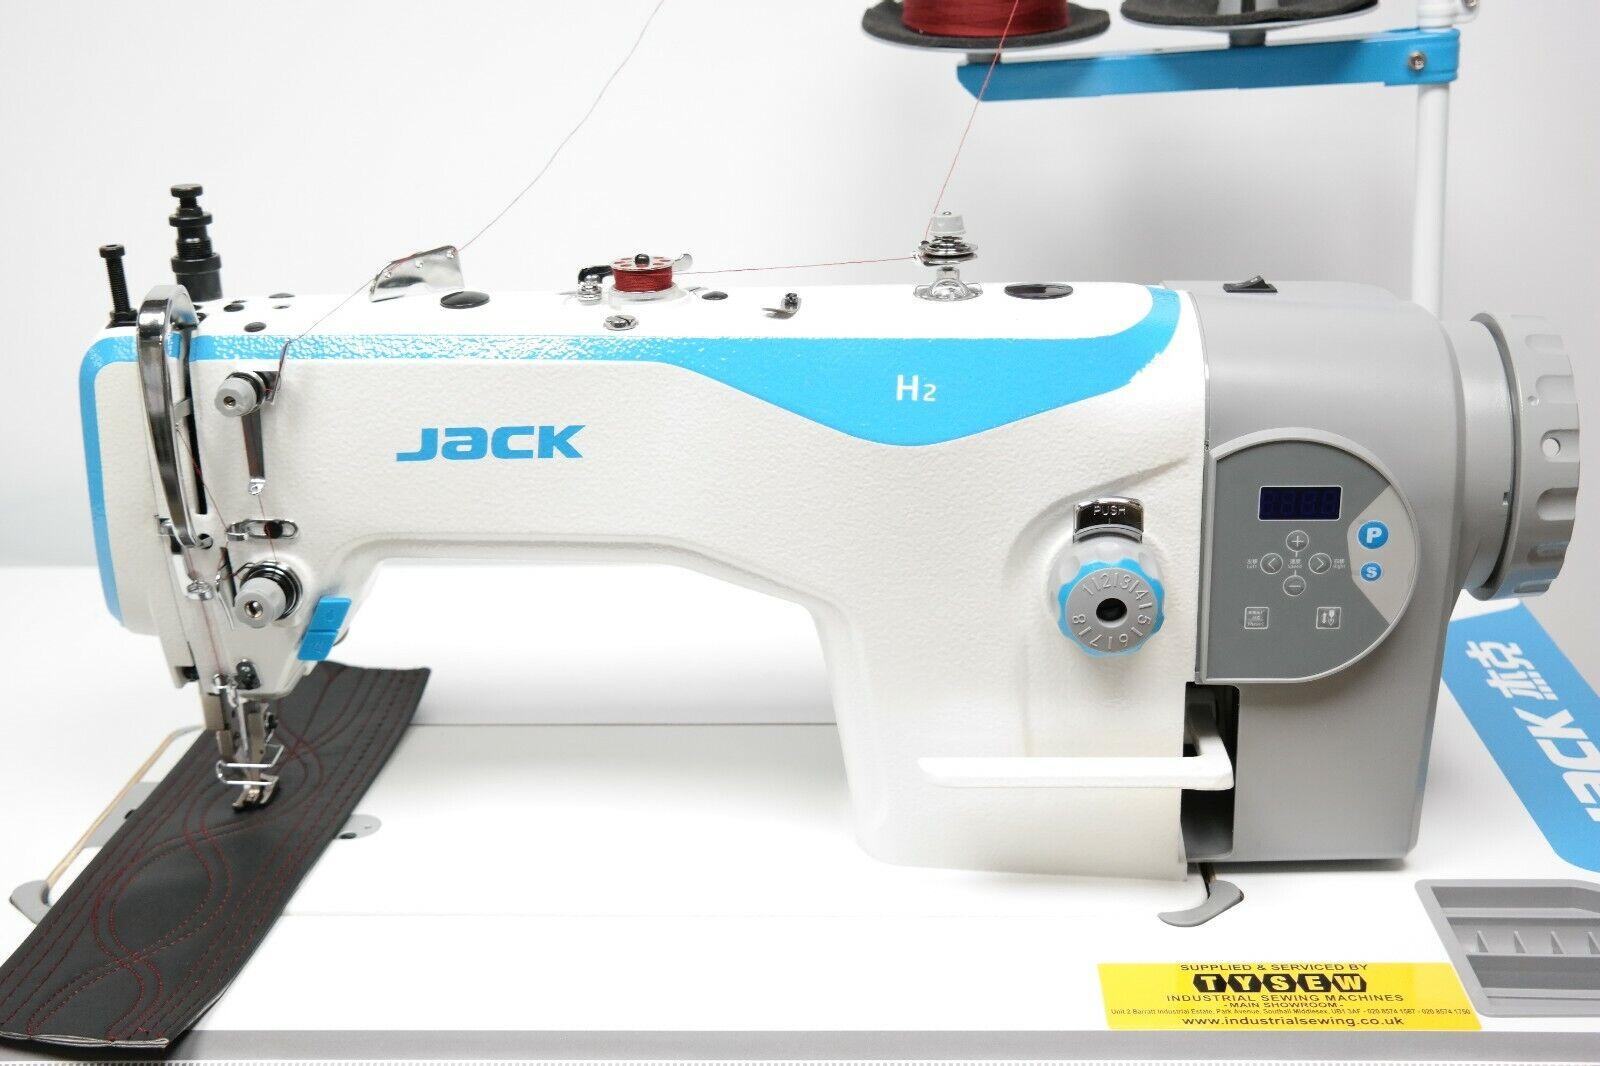 Jack h2 лучшие ткани для постельного белья оптом